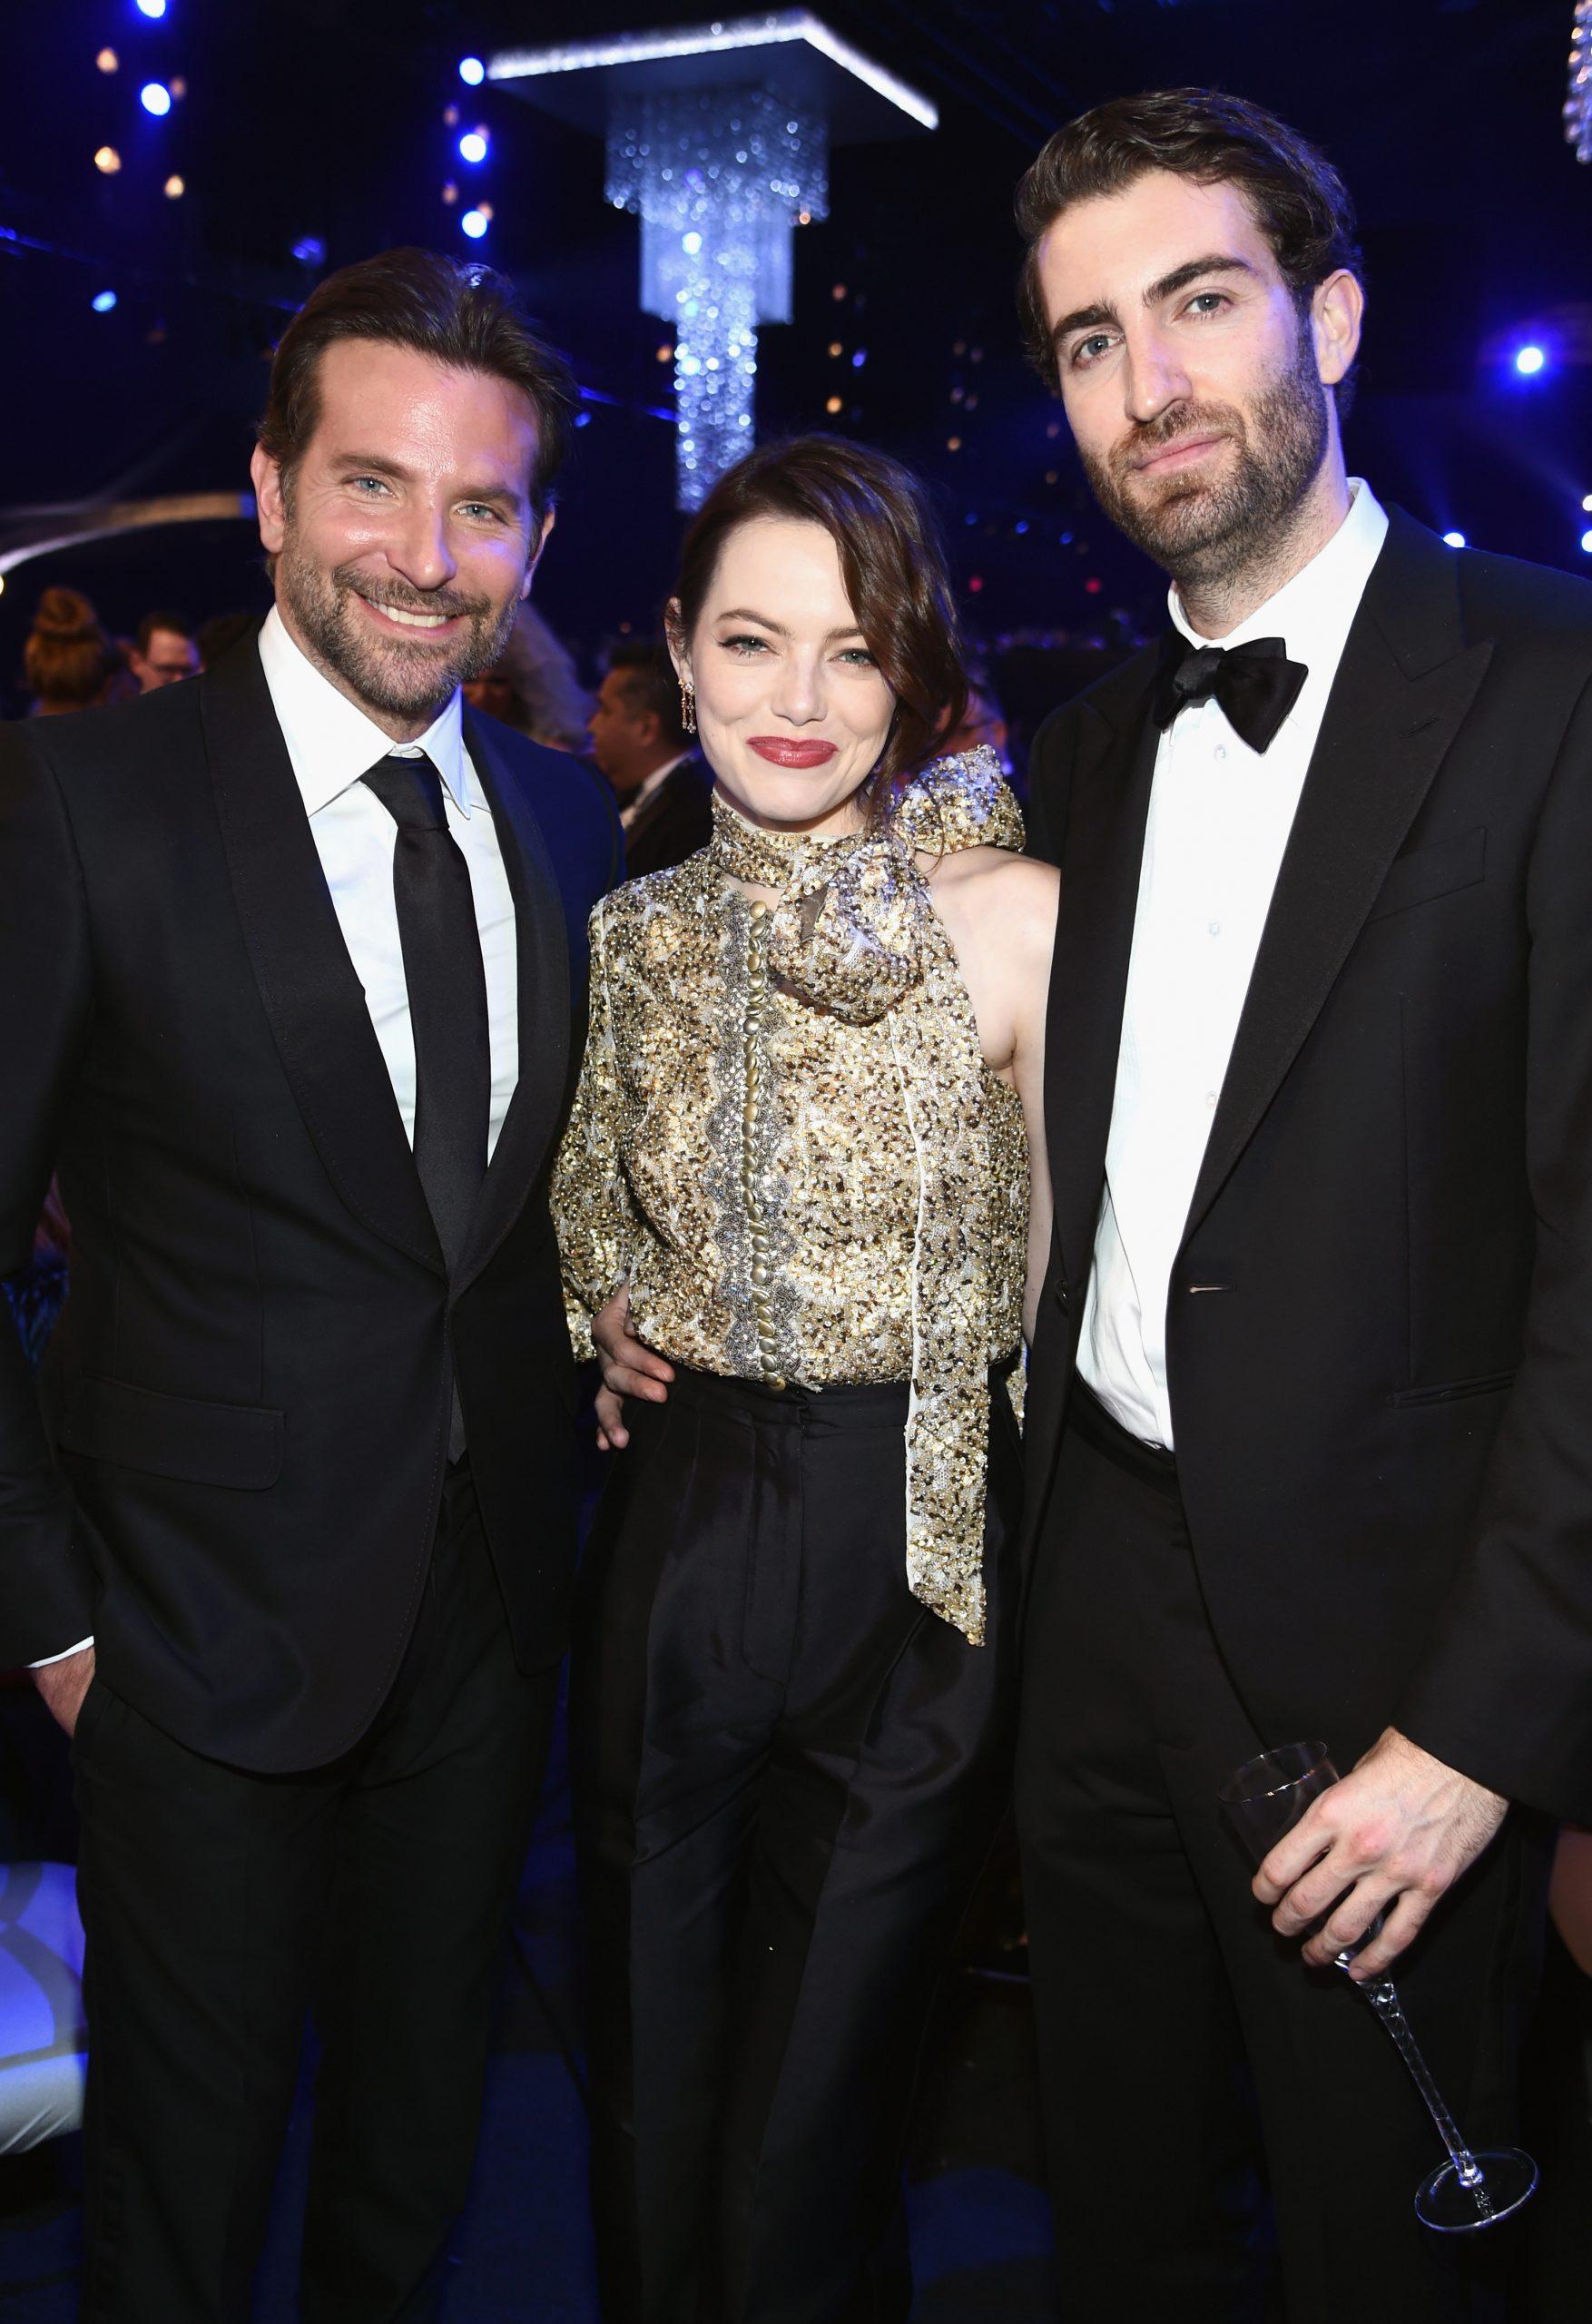 Fijate, Paty: Emma Stone podría estar esperando a su primer bebé